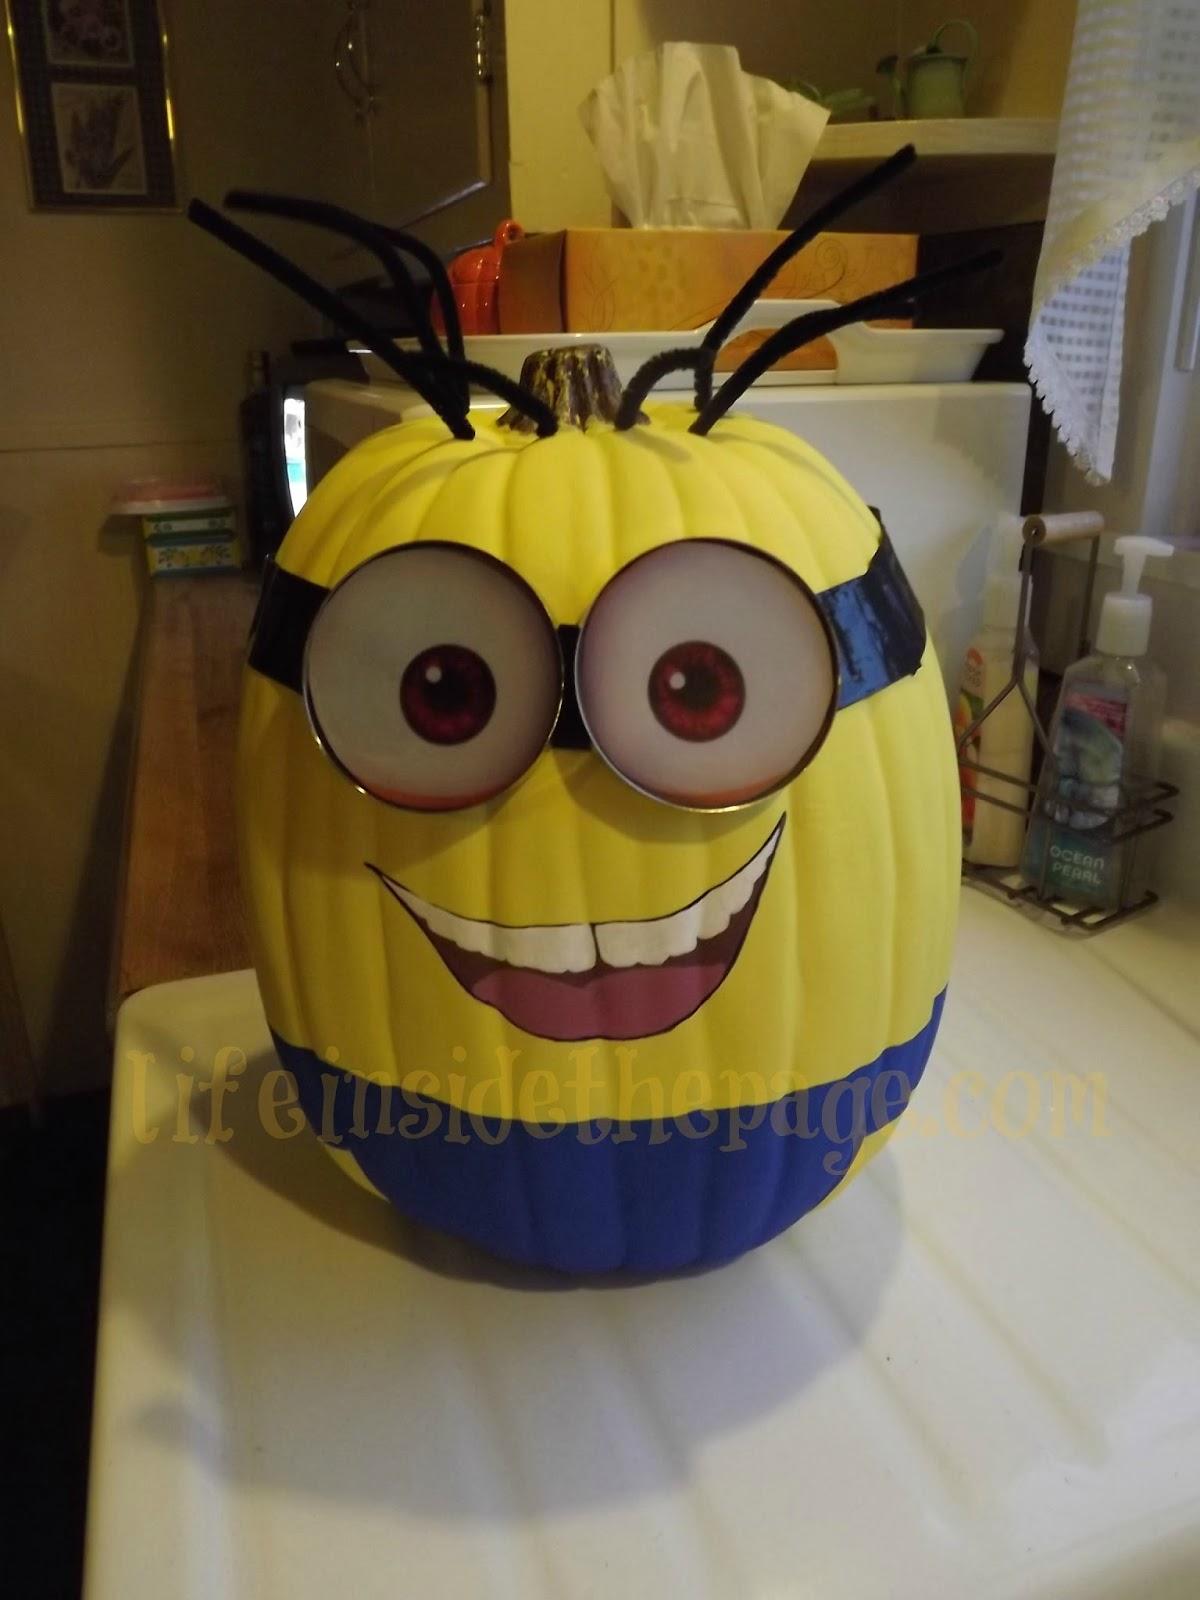 Craft: Making my own Minion Pumpkin | Bath & Body Works Fan Blog